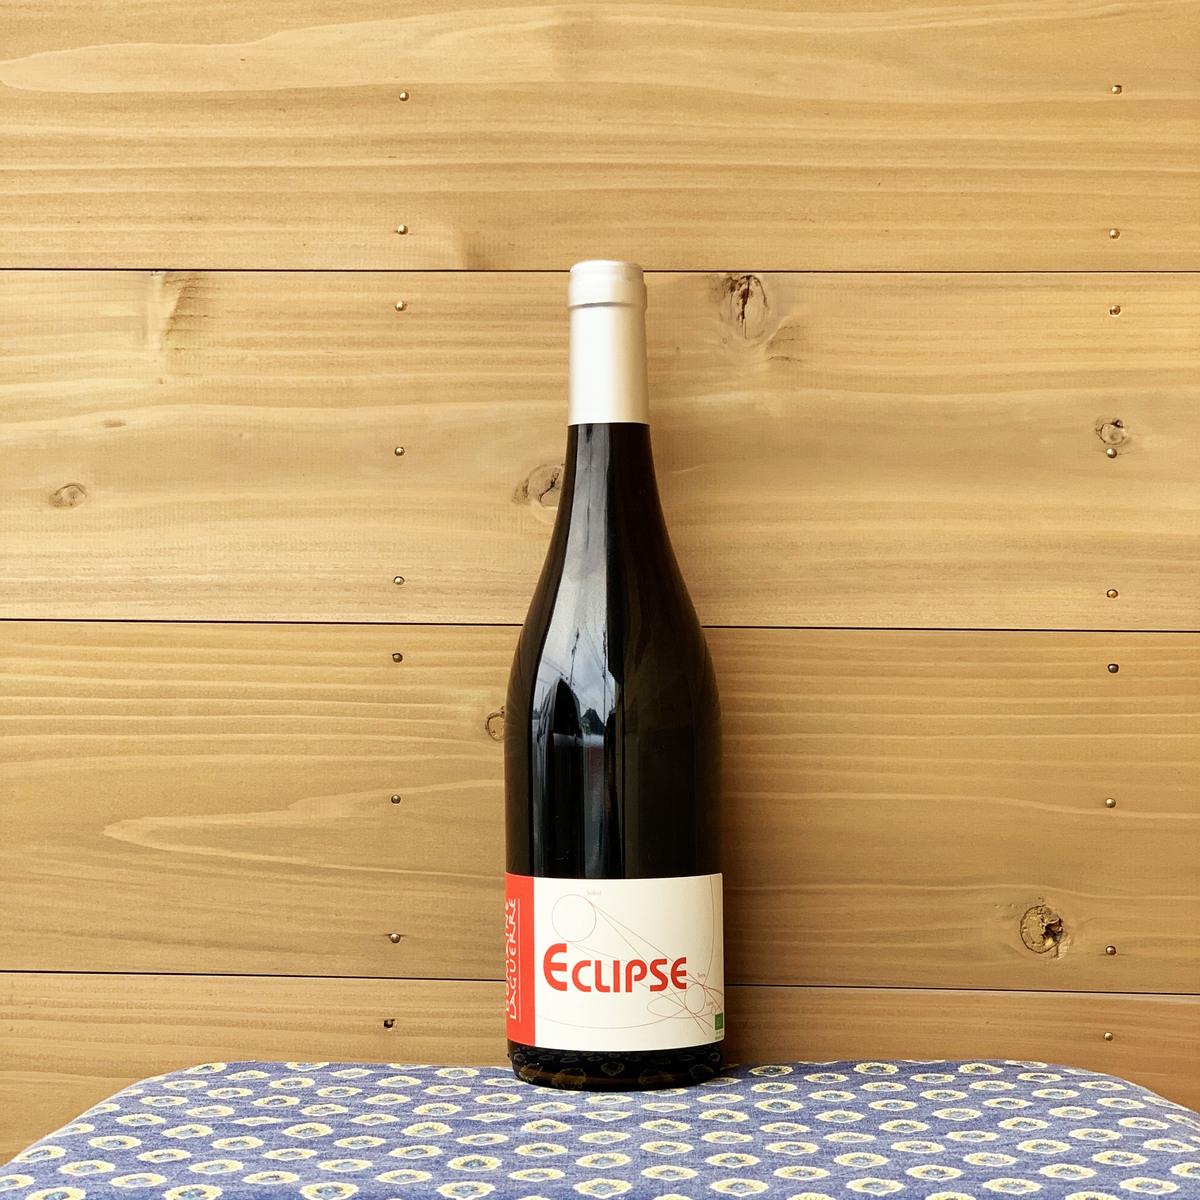 果実味たっぷり 旨みたっぷりでいながらごくごくナチュラルなのはさすがビオディナミ 凝縮感はあるもののタンニンは程よく クリアランスsale 期間限定 飲み口も優しいのが特徴です ルシヨン地方 正規品 フランス ドメーヌ エクリプス 赤ワイン ラゲール ルージュ '16 自然派ワイン